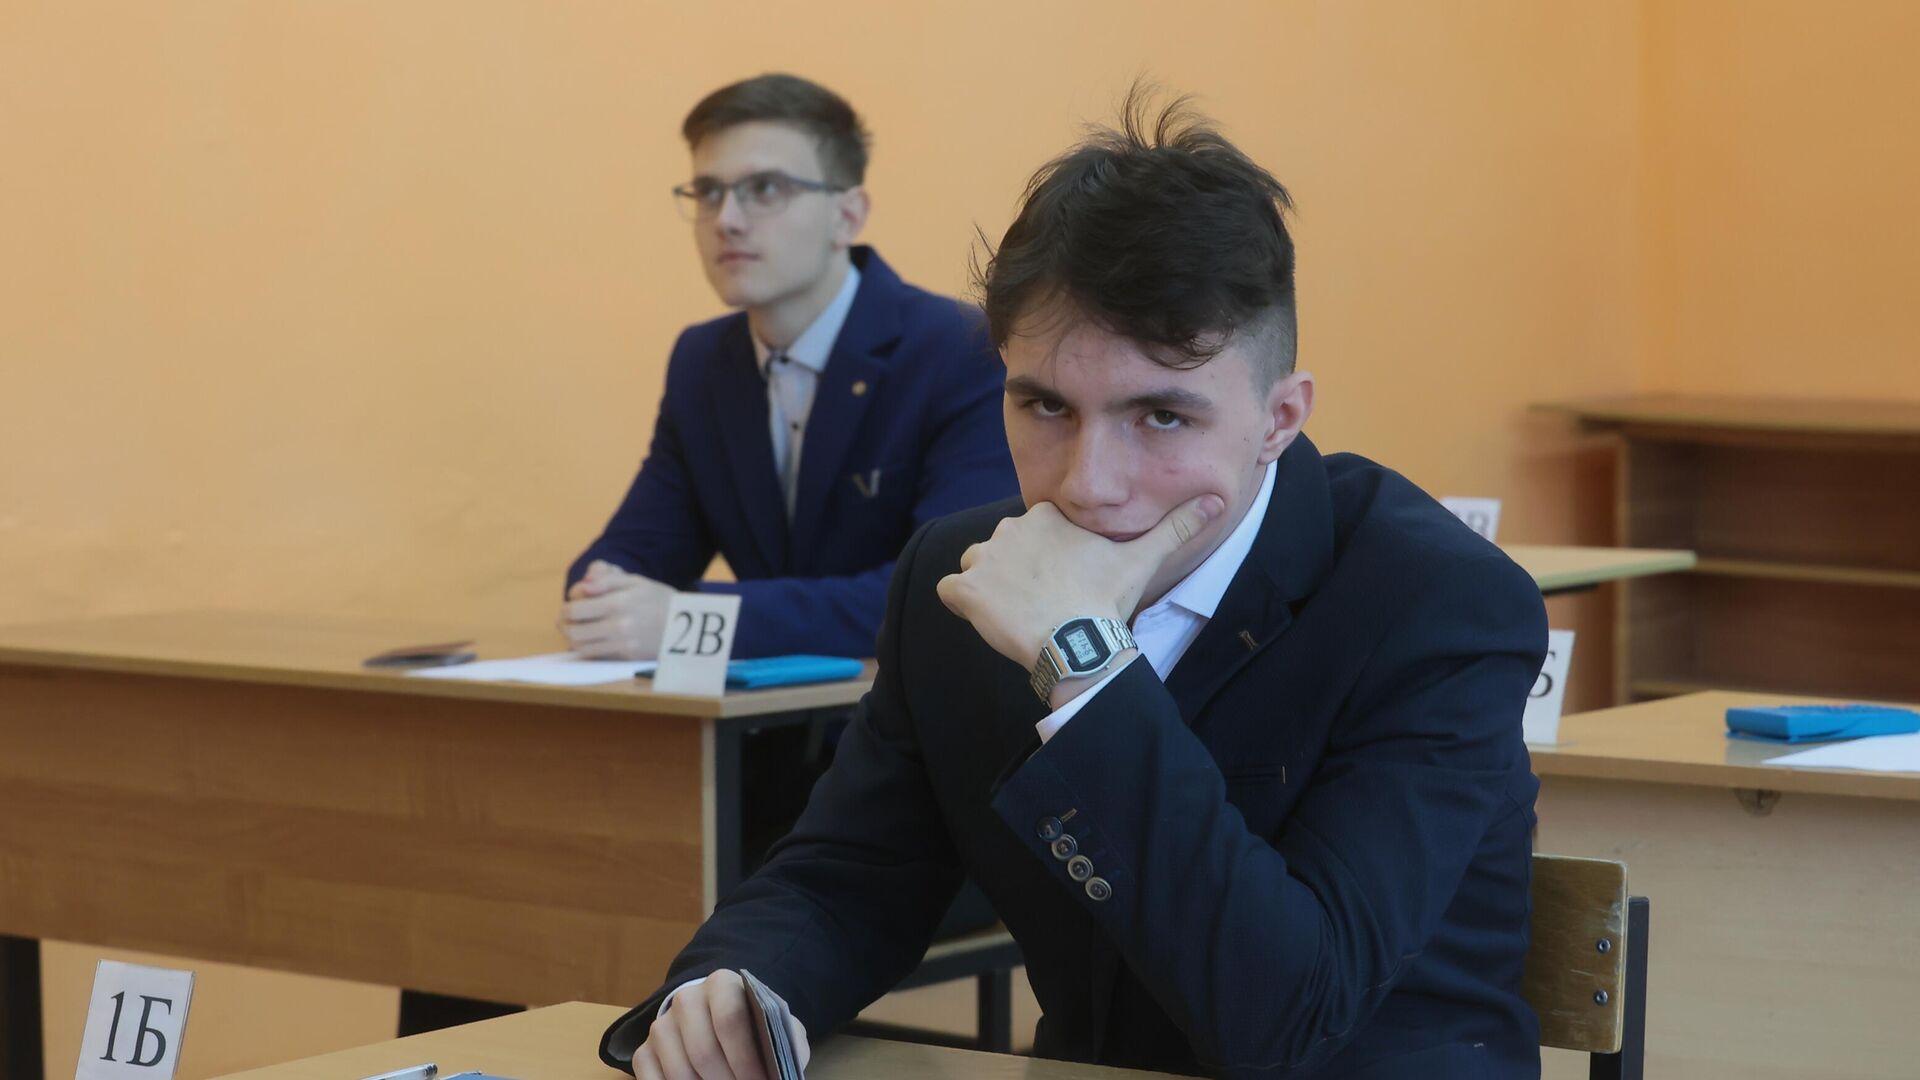 Ученики во время экзамена - Sputnik Беларусь, 1920, 01.10.2021